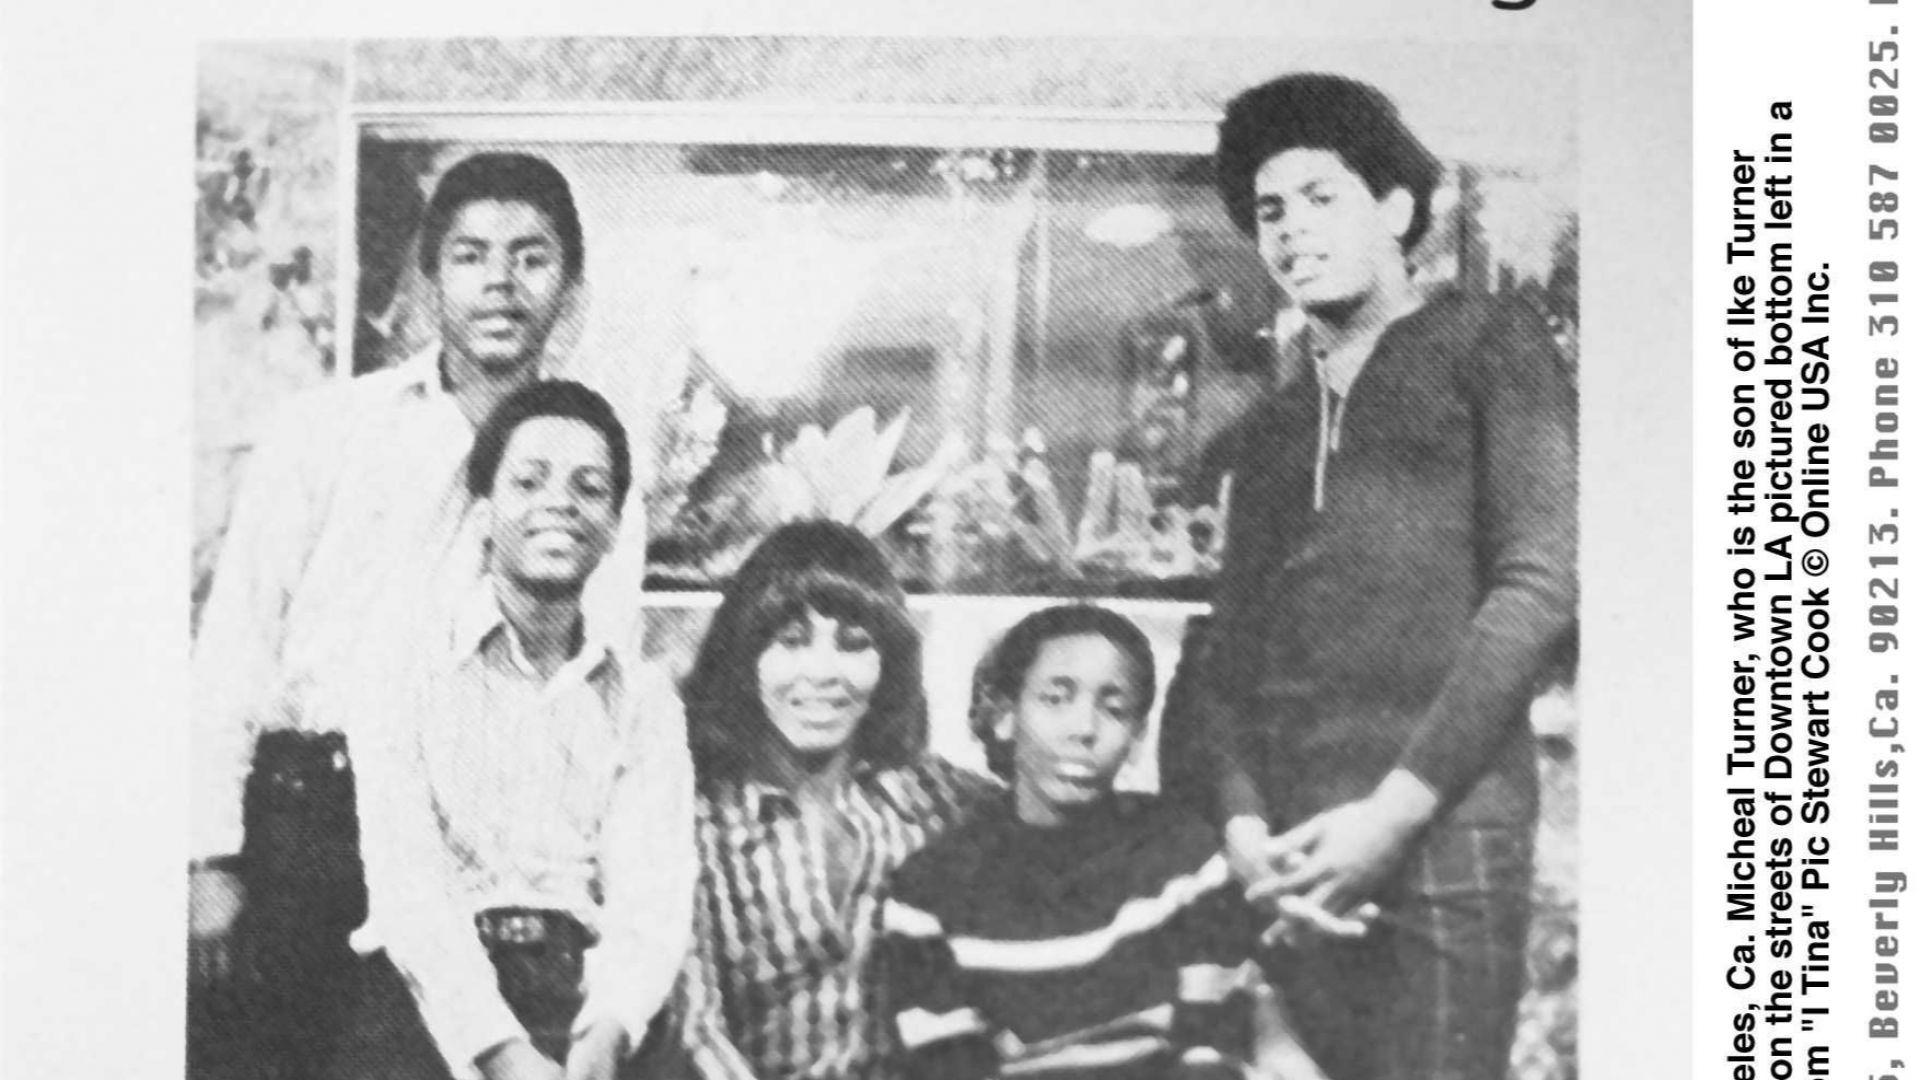 Тина Търнър с децата си - Айк-младши, Майкъл, Рони и Крейг (вдясно)